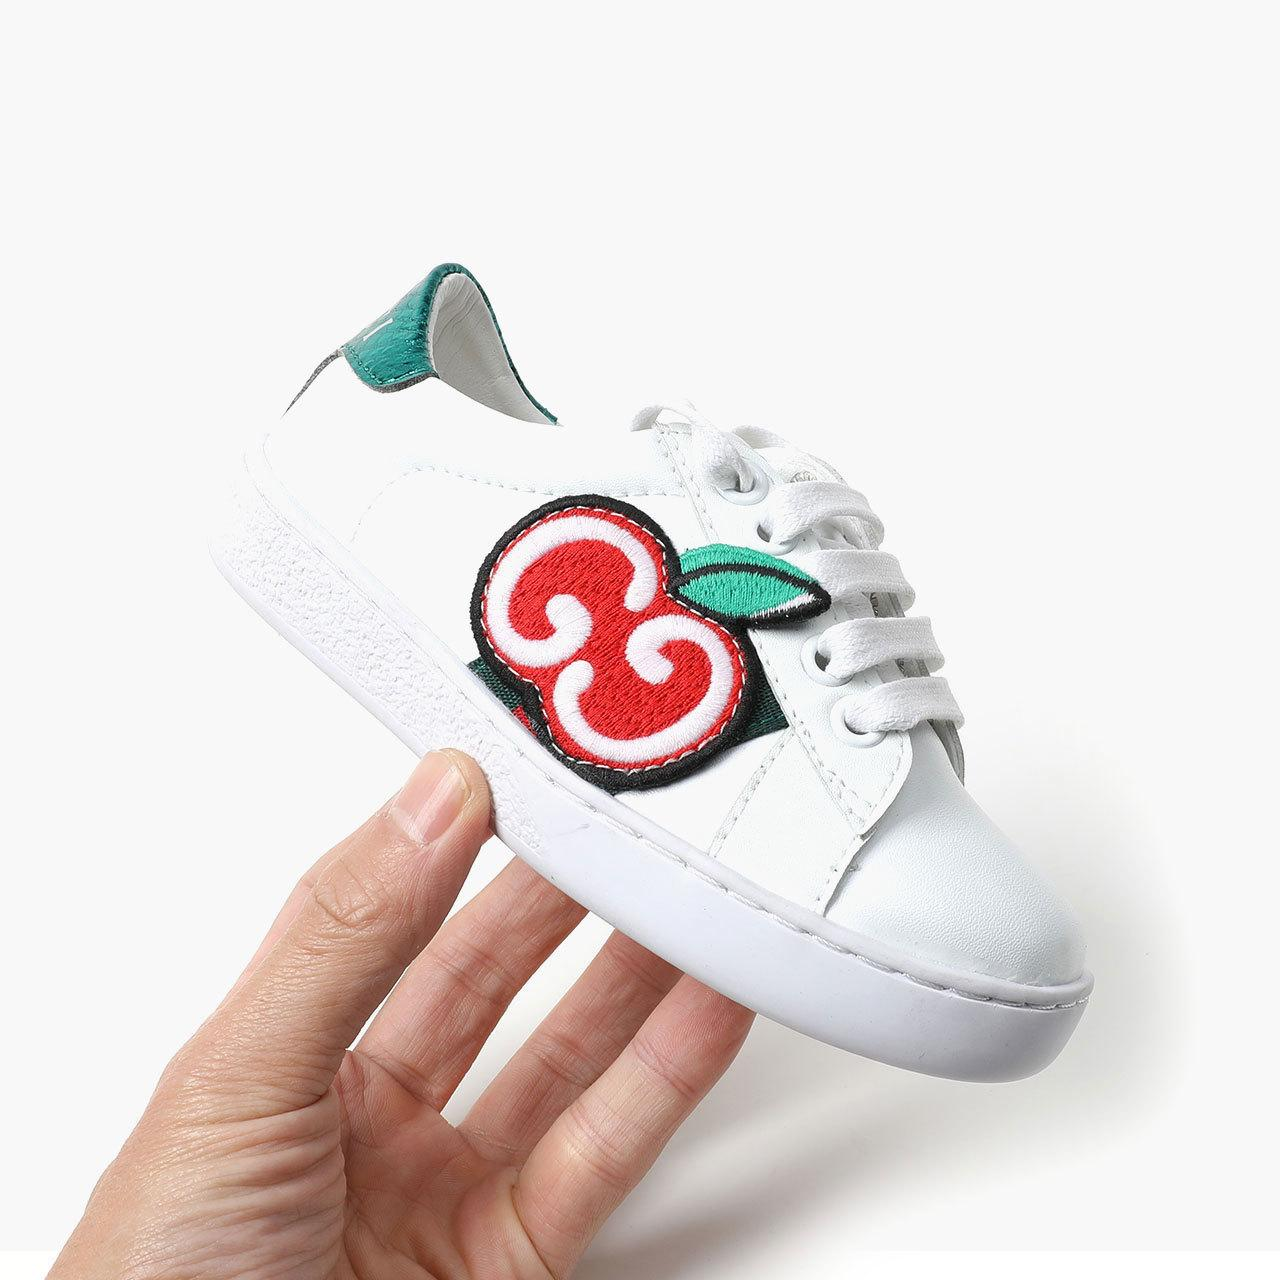 Yeni çocuk spor ayakkabıları tasarım marka spor ayakkabılar rahat ayakkabılar erkek ve kız klasik üst seviye spor ayakkabılar sıcak 2020